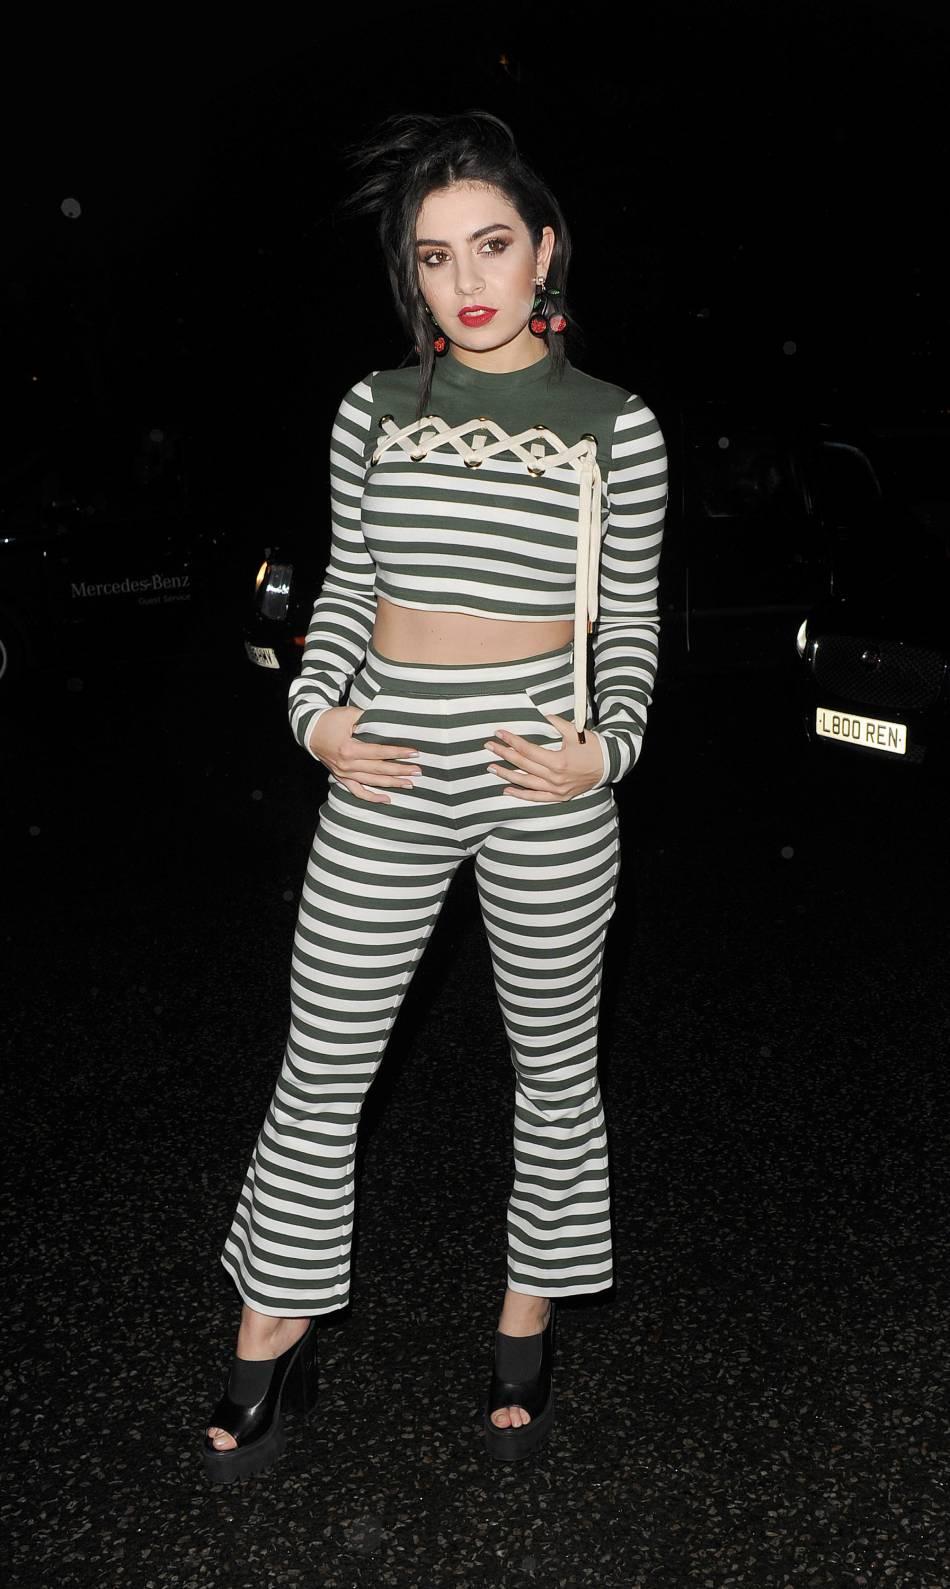 L'inspiration 90's c'est ce que Charli XCXadore, en beauté et en mode.